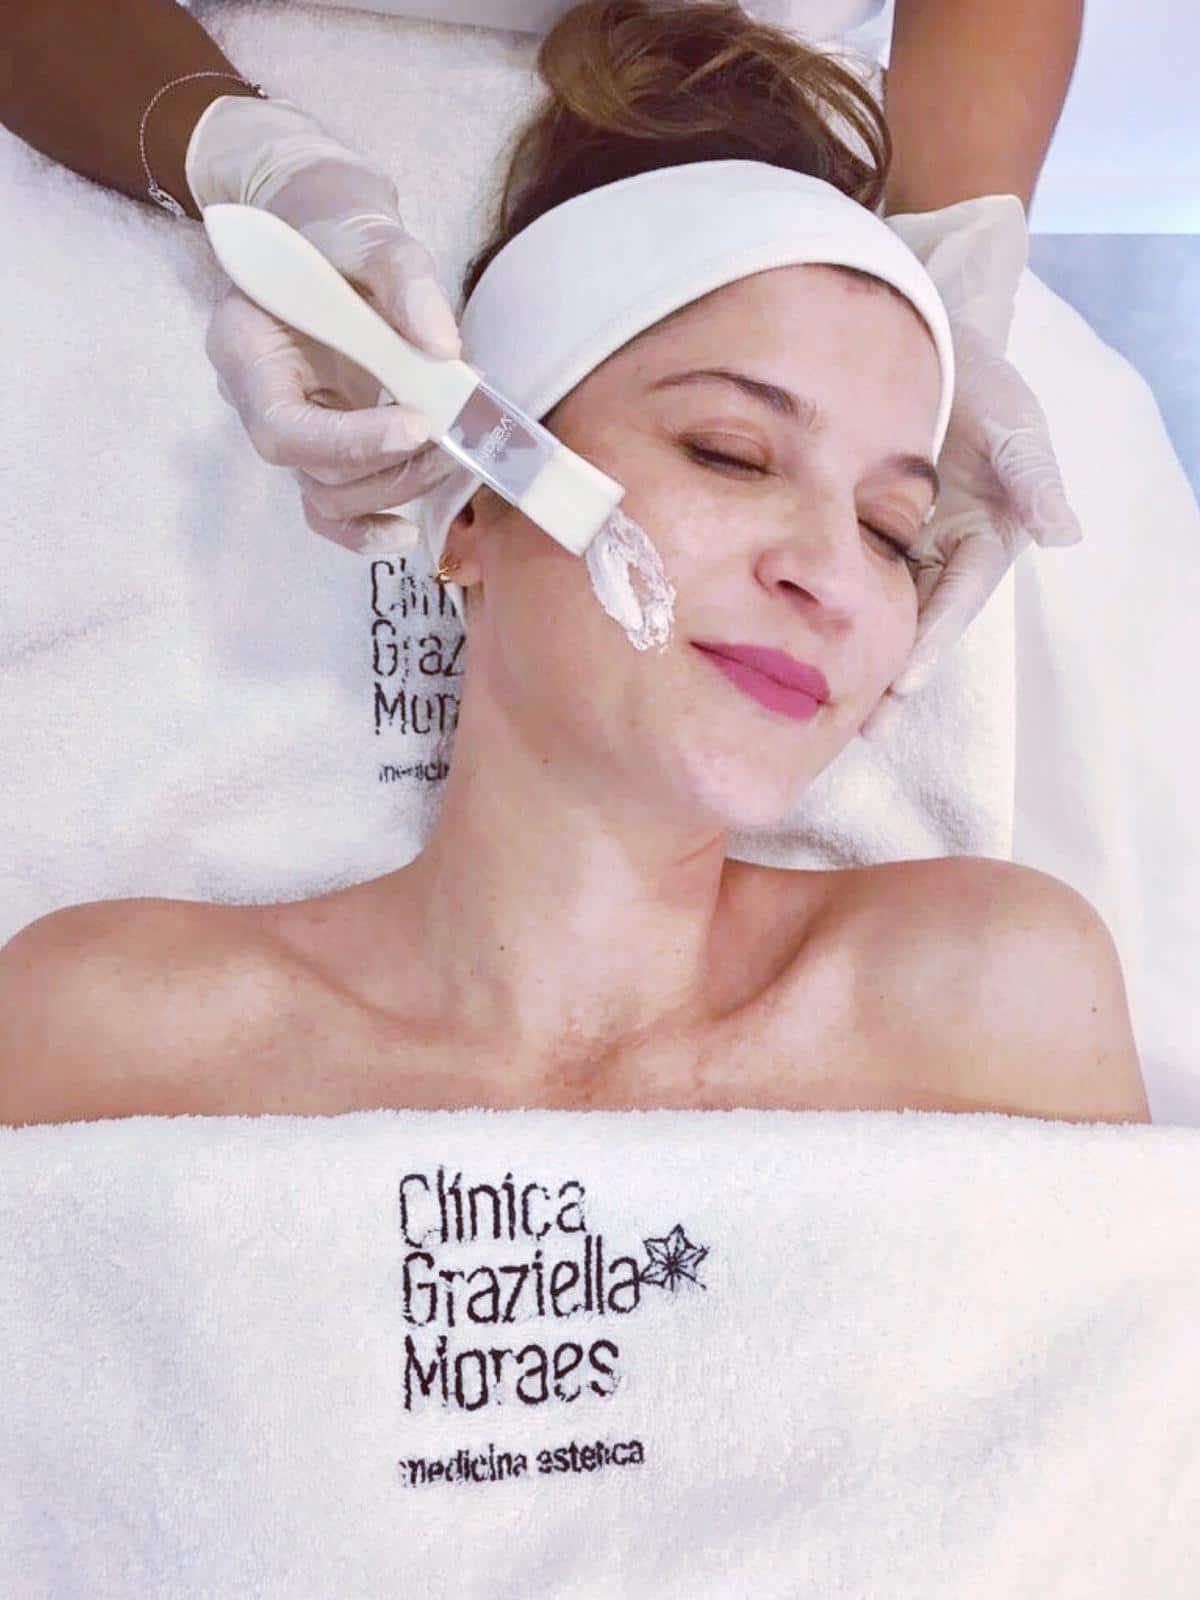 graziella moraes recupera tu piel en 6 semanas